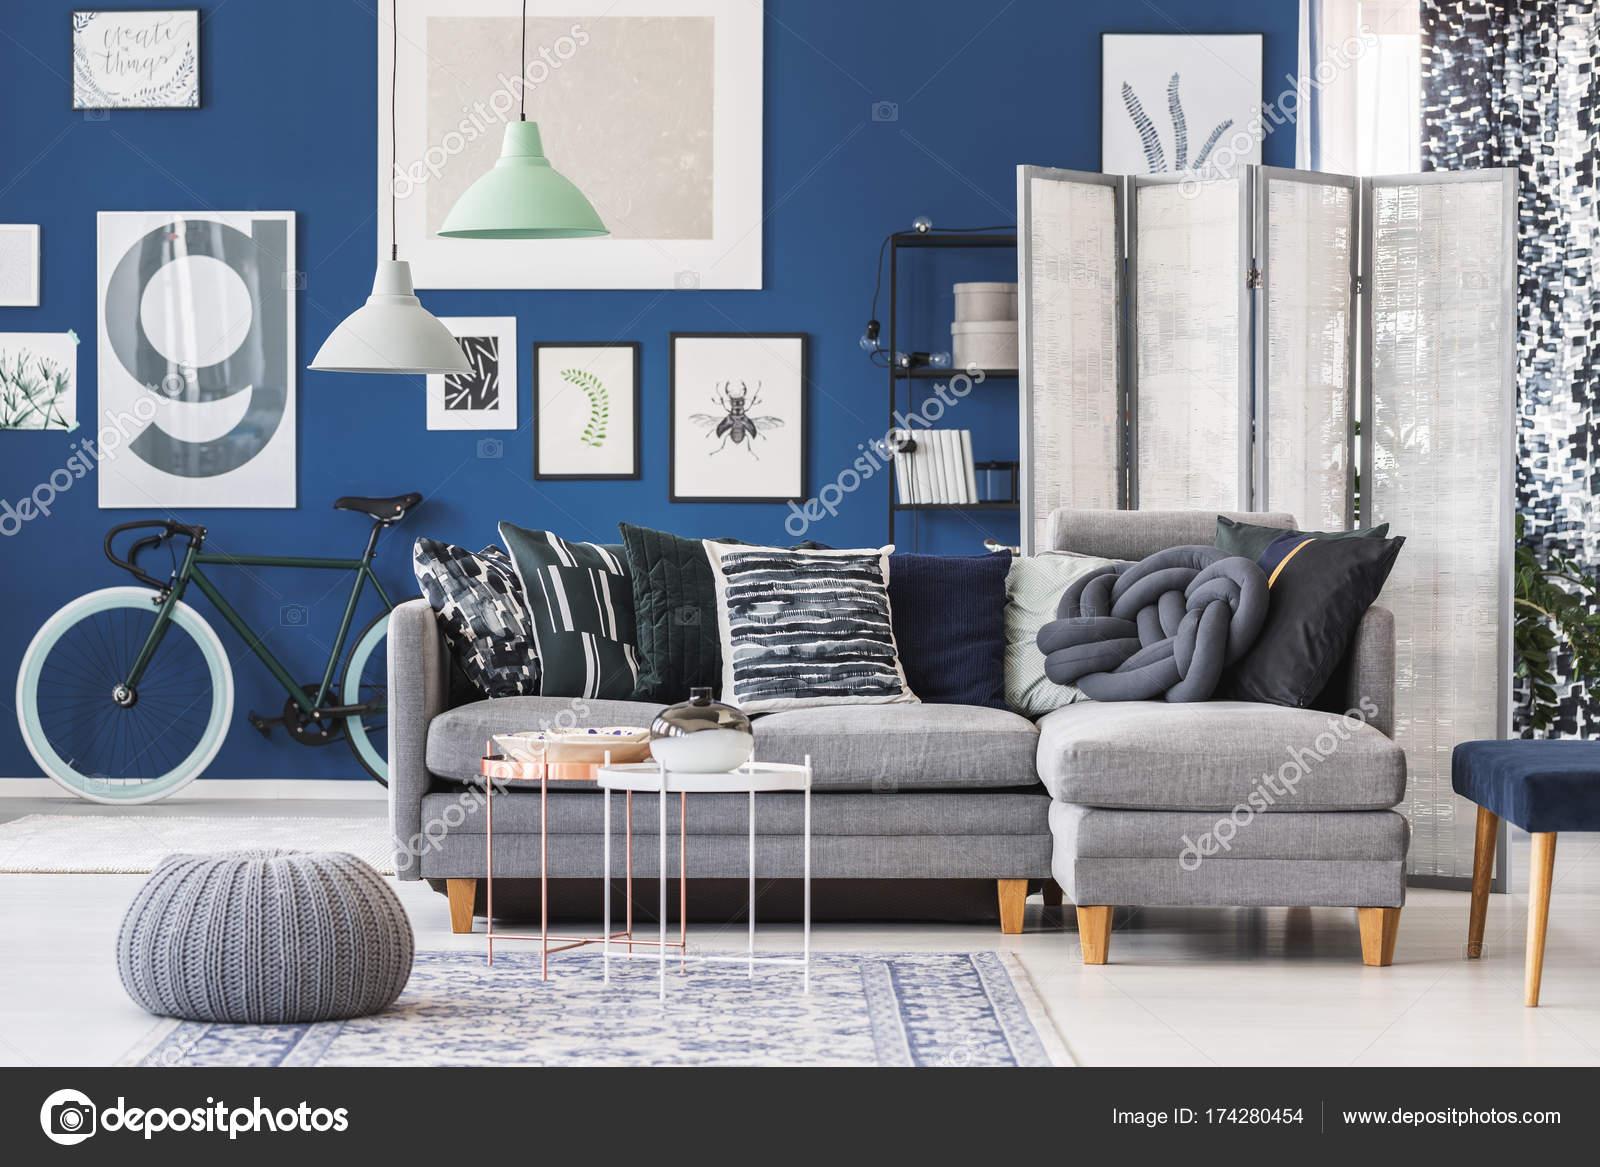 Graue Hocker Neben Weiß Und Kupfer Tisch Im Wohnzimmer Mit Grauen Sofa Und  Galerie Am Blauen Wand U2014 Foto Von Photographee.eu